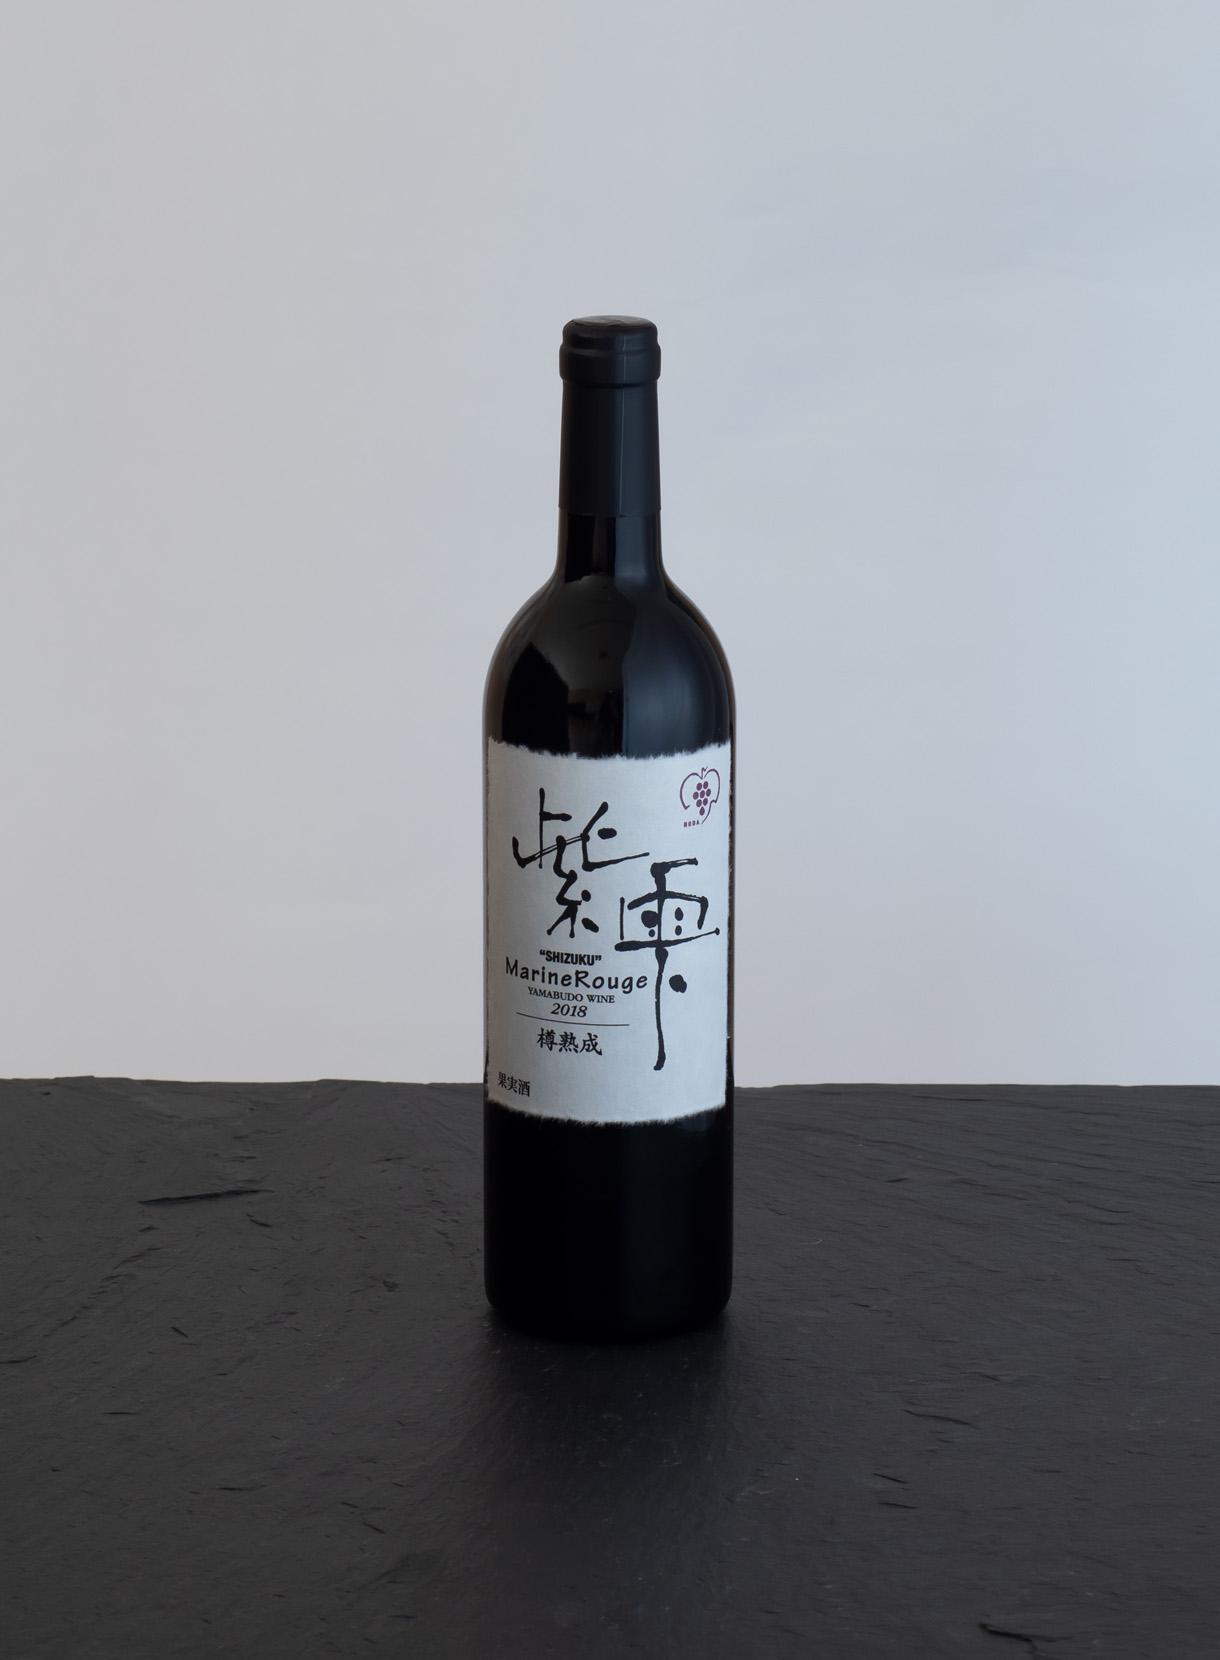 山葡萄ワイン 紫雫 Marine Rouge(樽熟成)